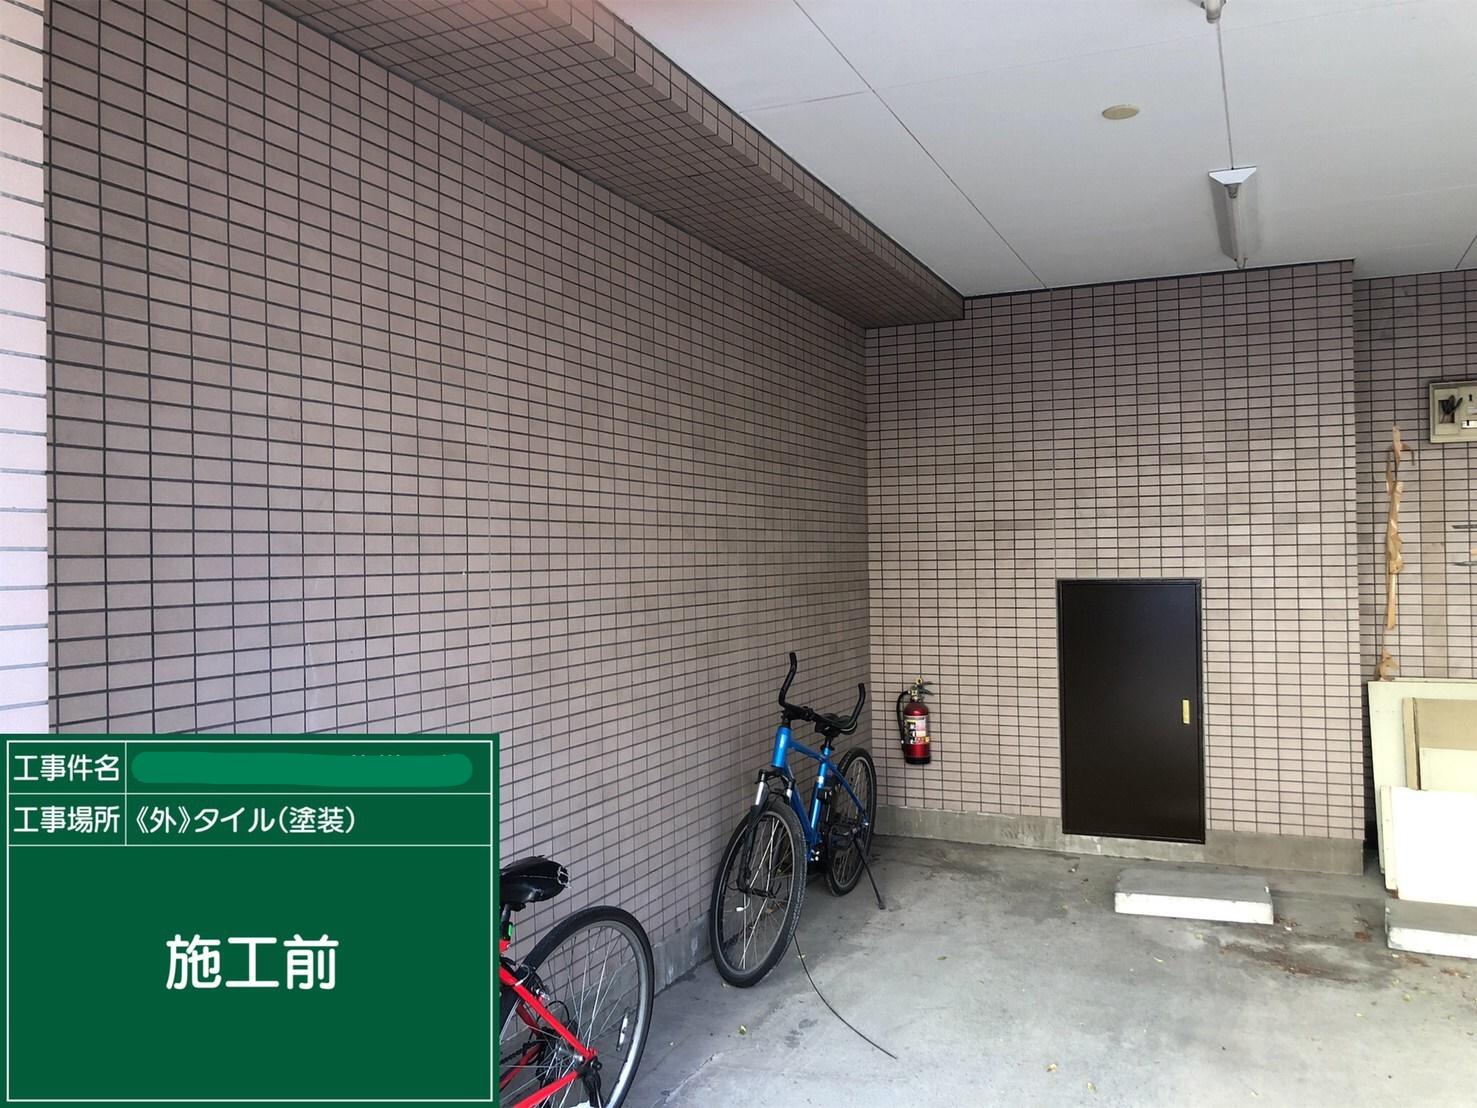 【外壁タイル】①施工前